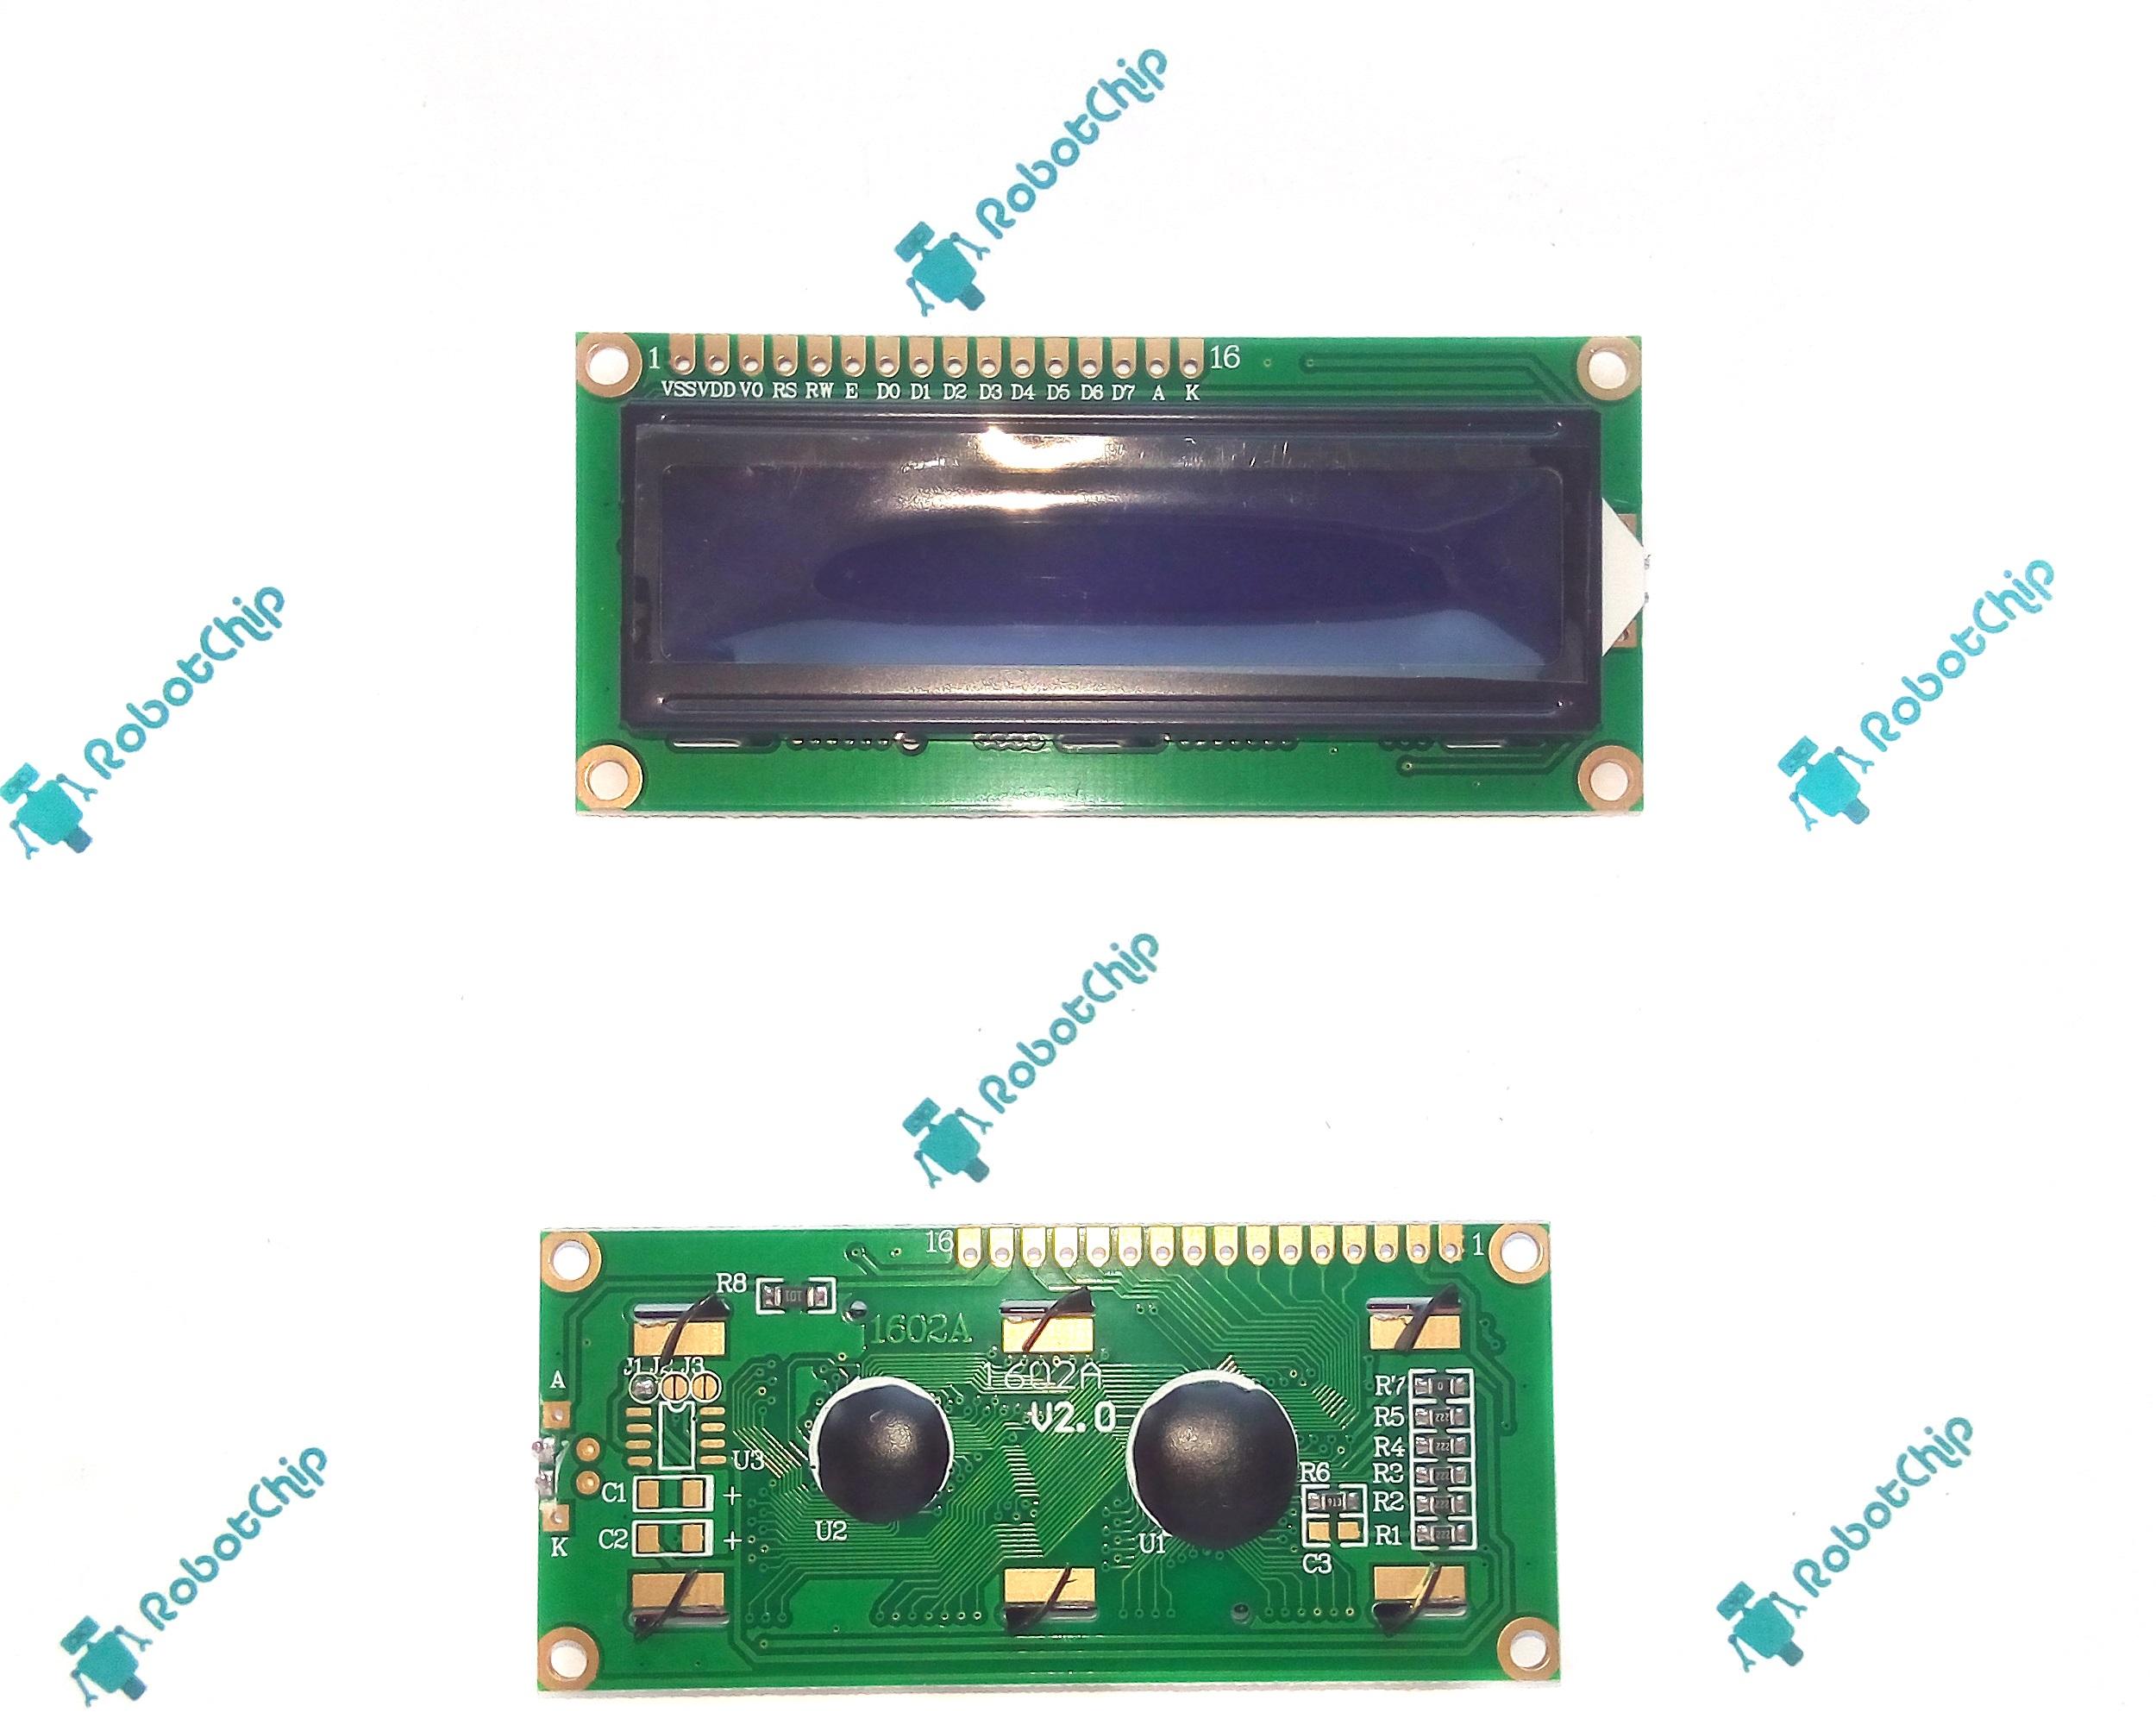 Обзор LCD-дисплея 1602A (LCD1602A)